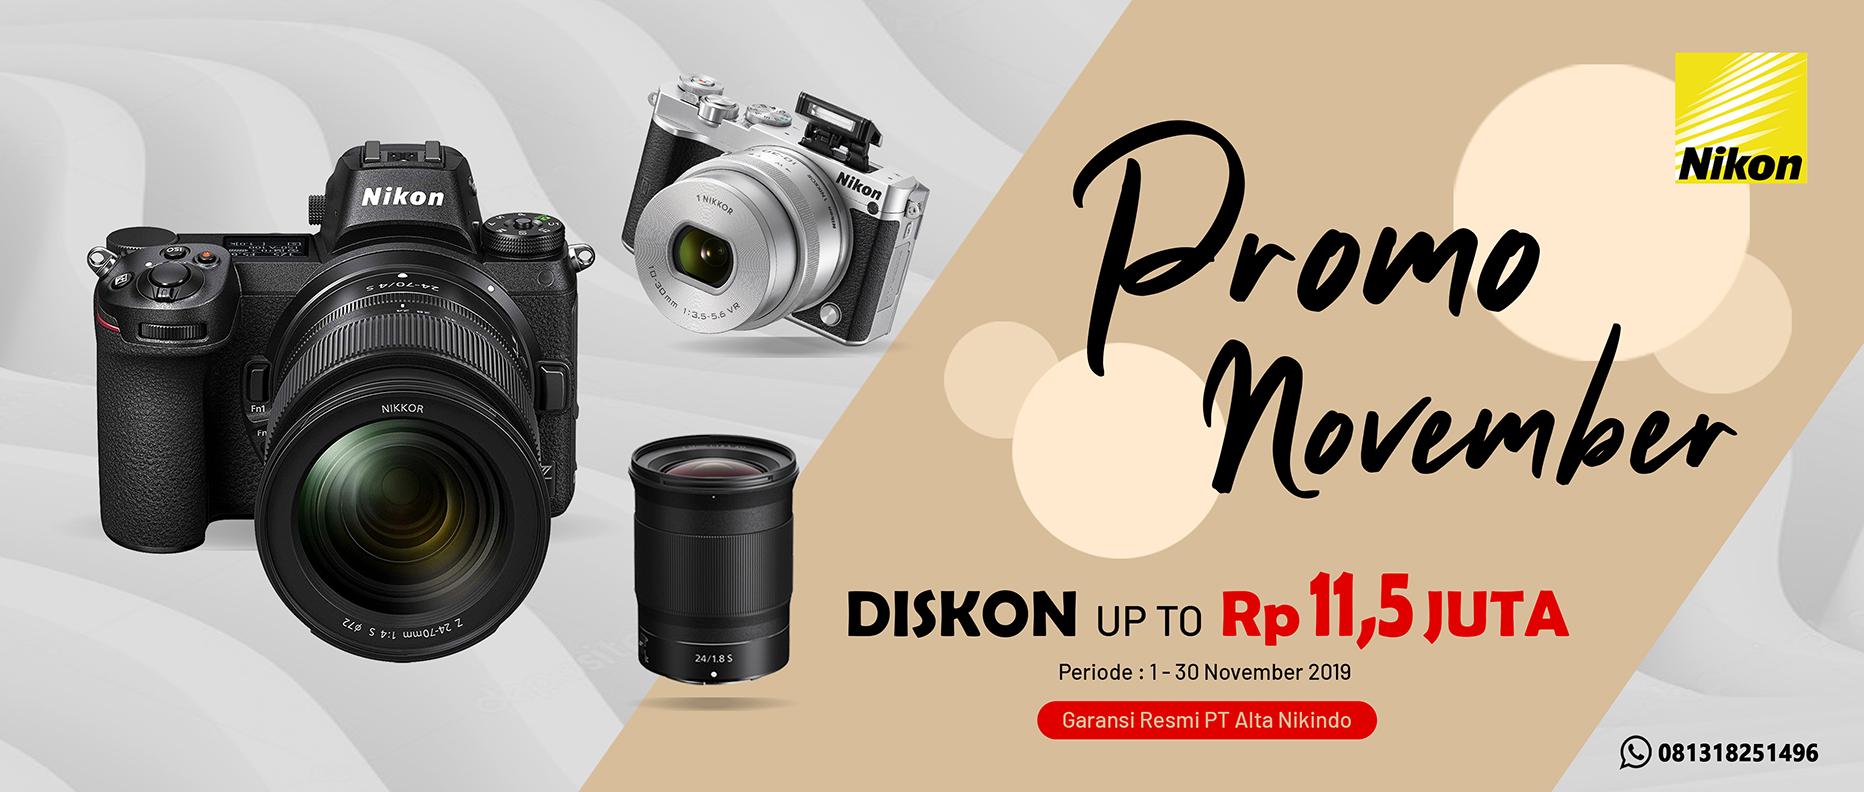 Promo Nikon November